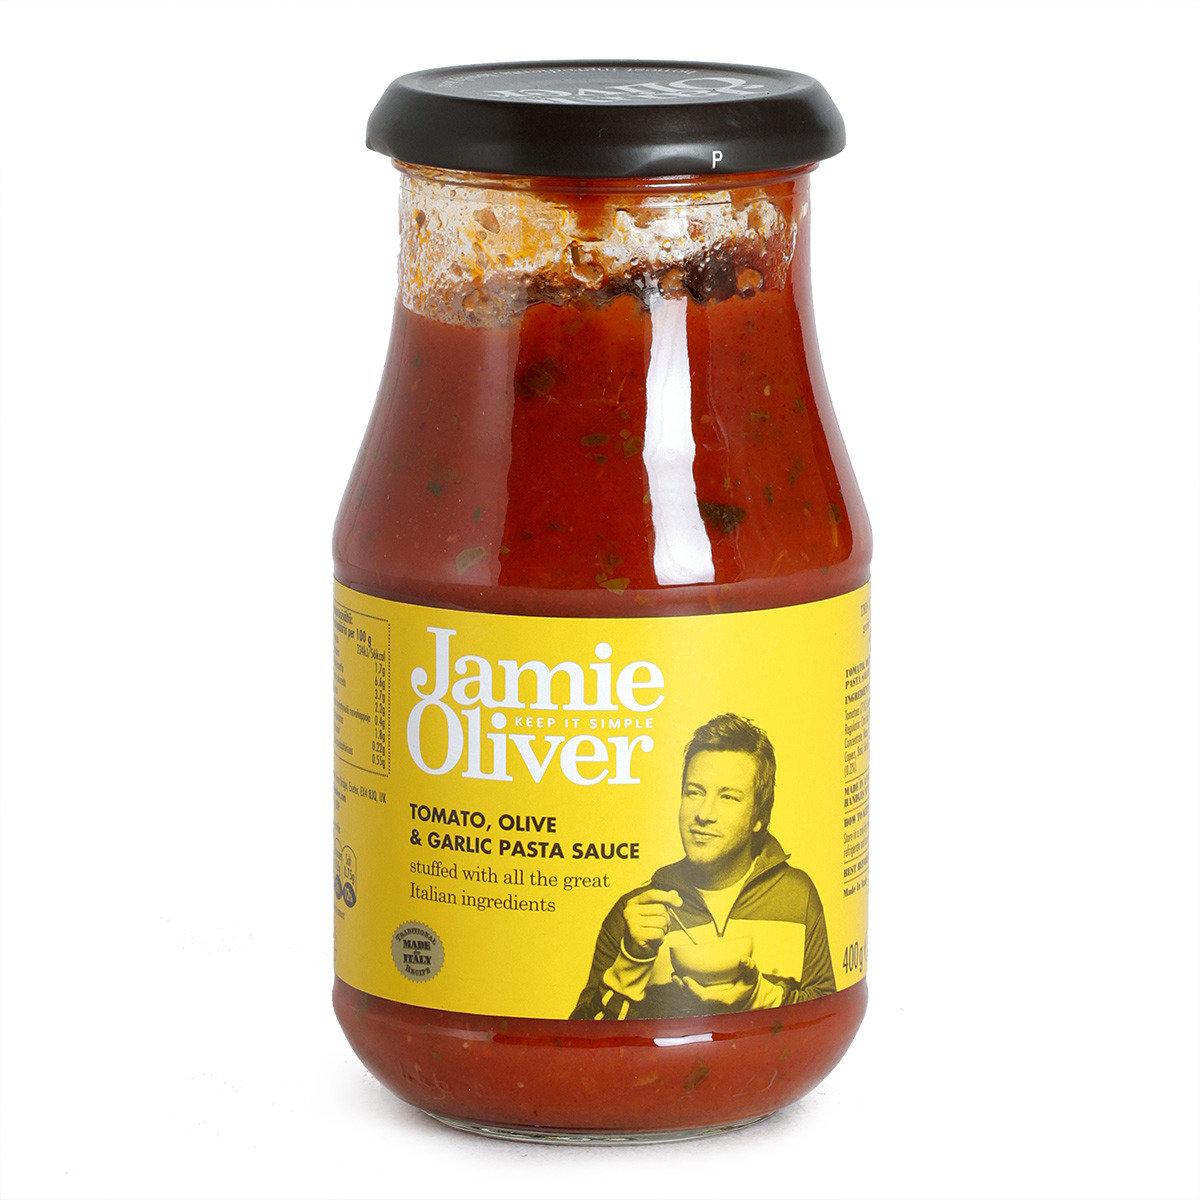 香蒜橄欖蕃茄意粉醬